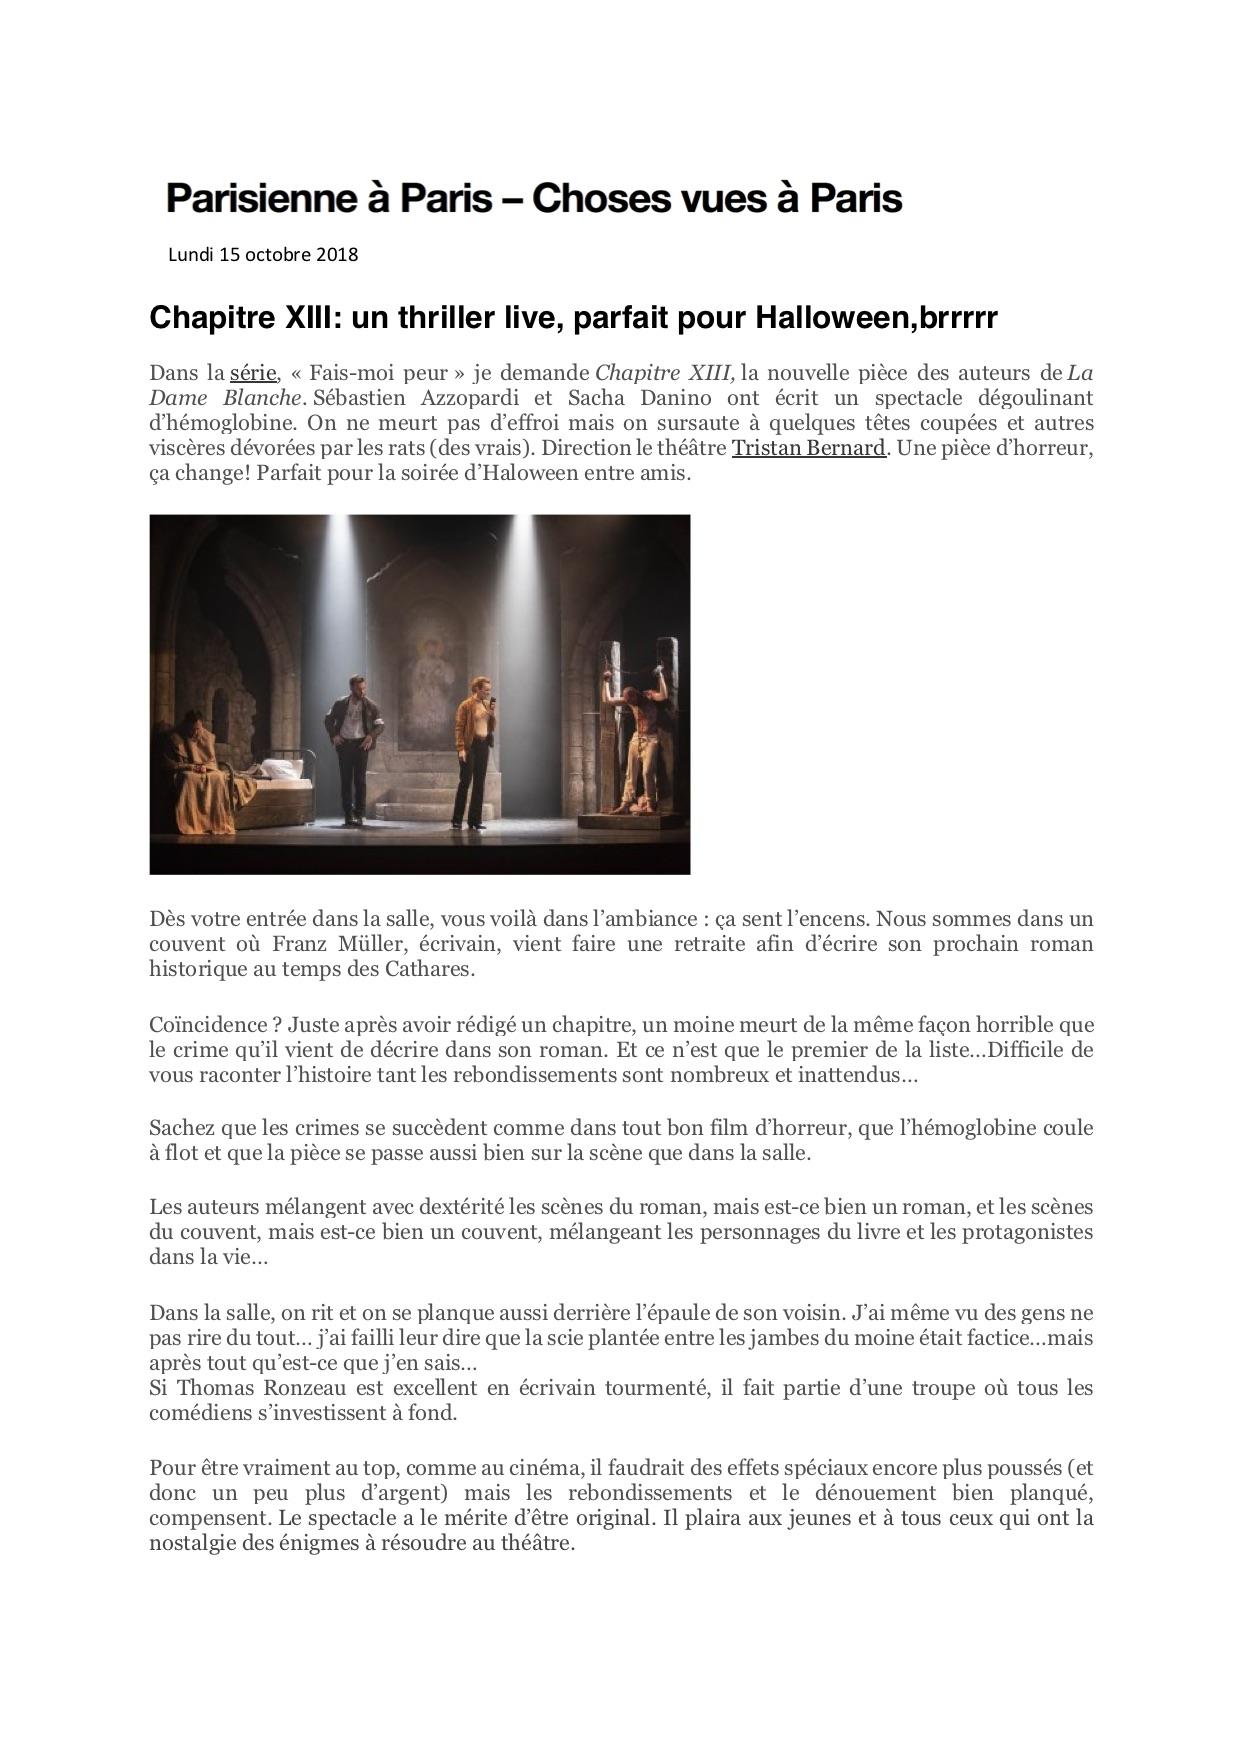 Parisienne à Paris blog 15.10.18